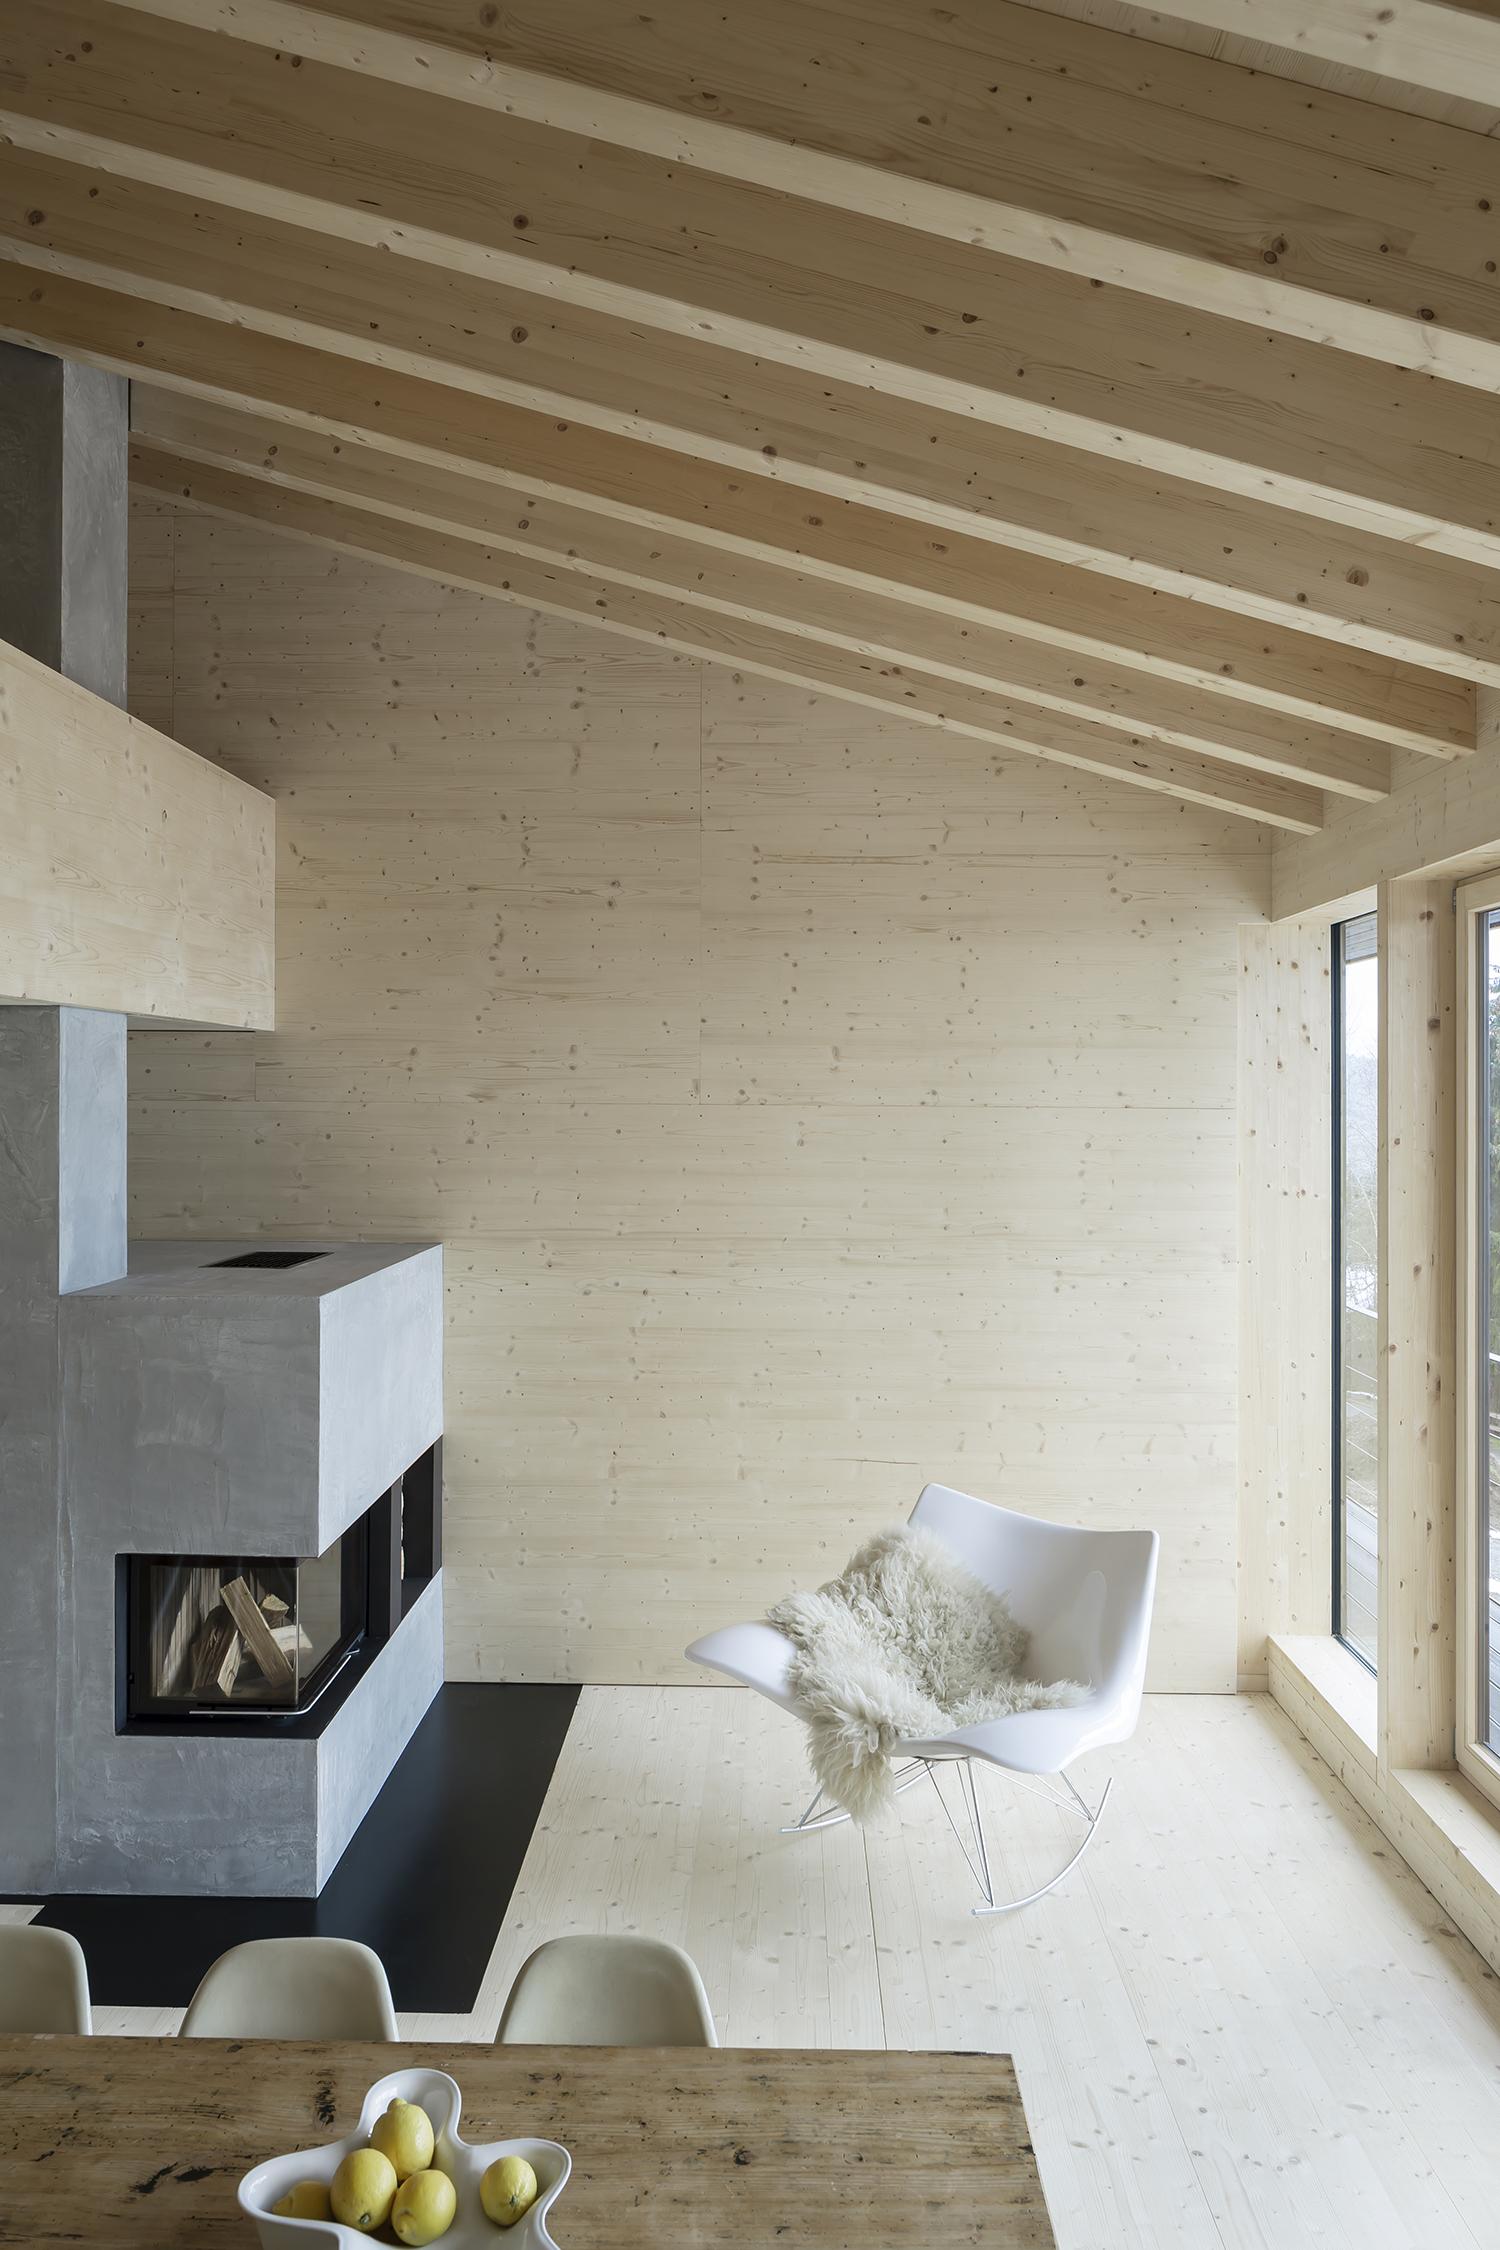 Gallery of house p yonder architektur und design 5 for Architektur und design